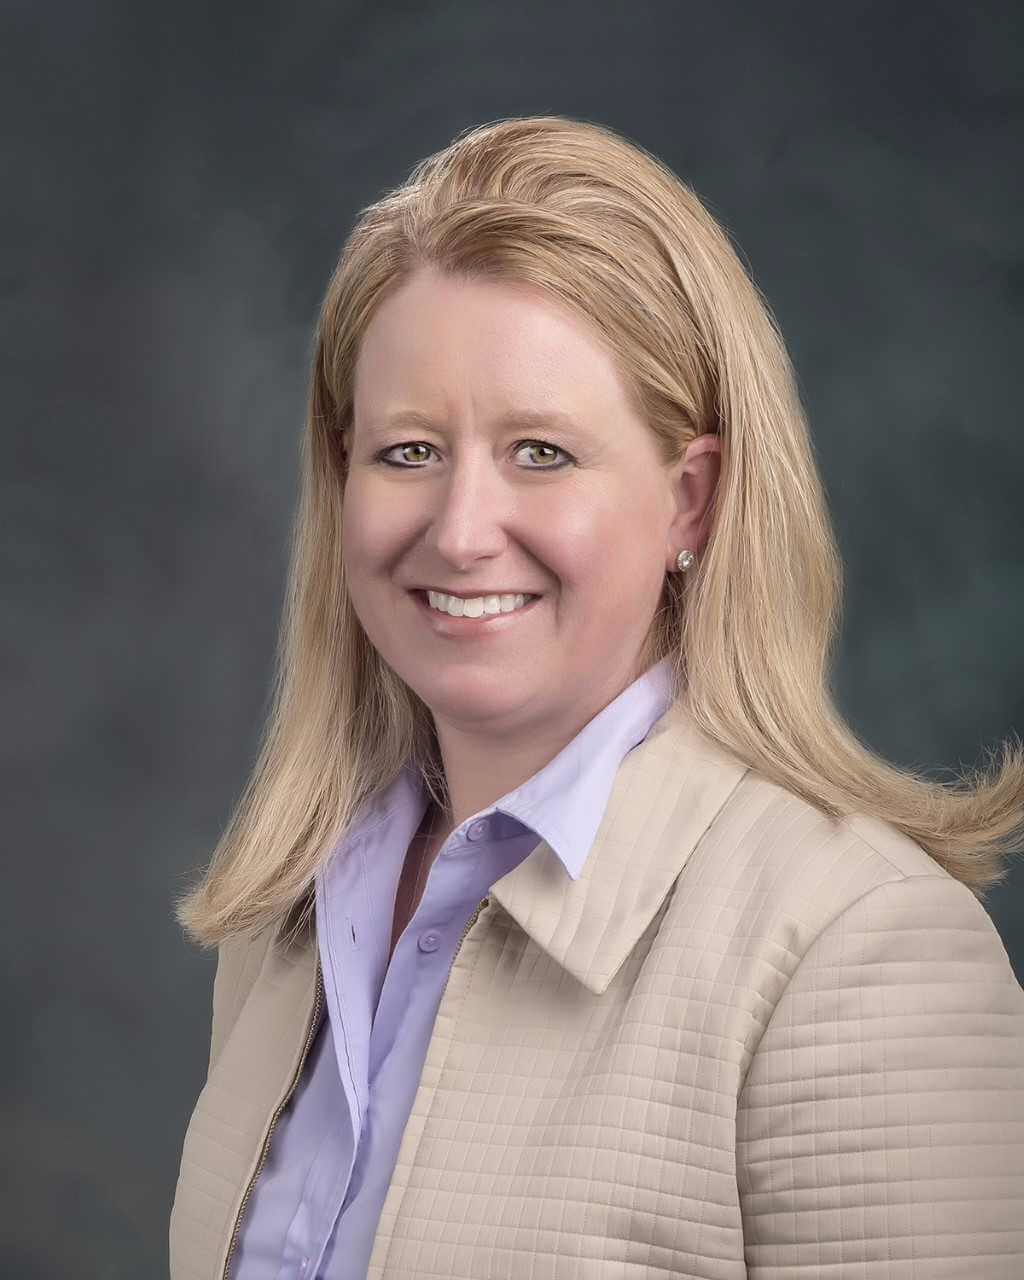 Carolyn Sharrock-Dorsten WEB PHOTO.jpg